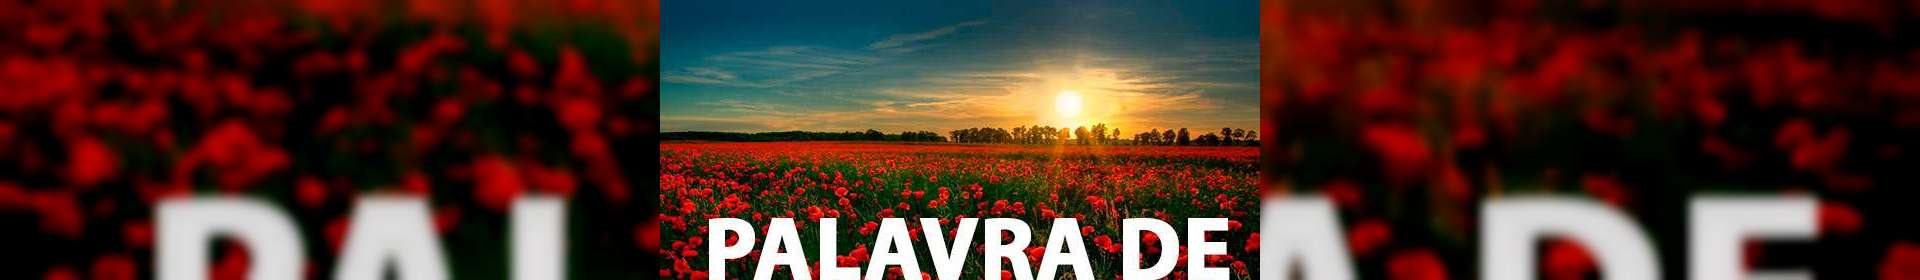 Isaías 53:5 - Uma Palavra de Esperança para sua vida